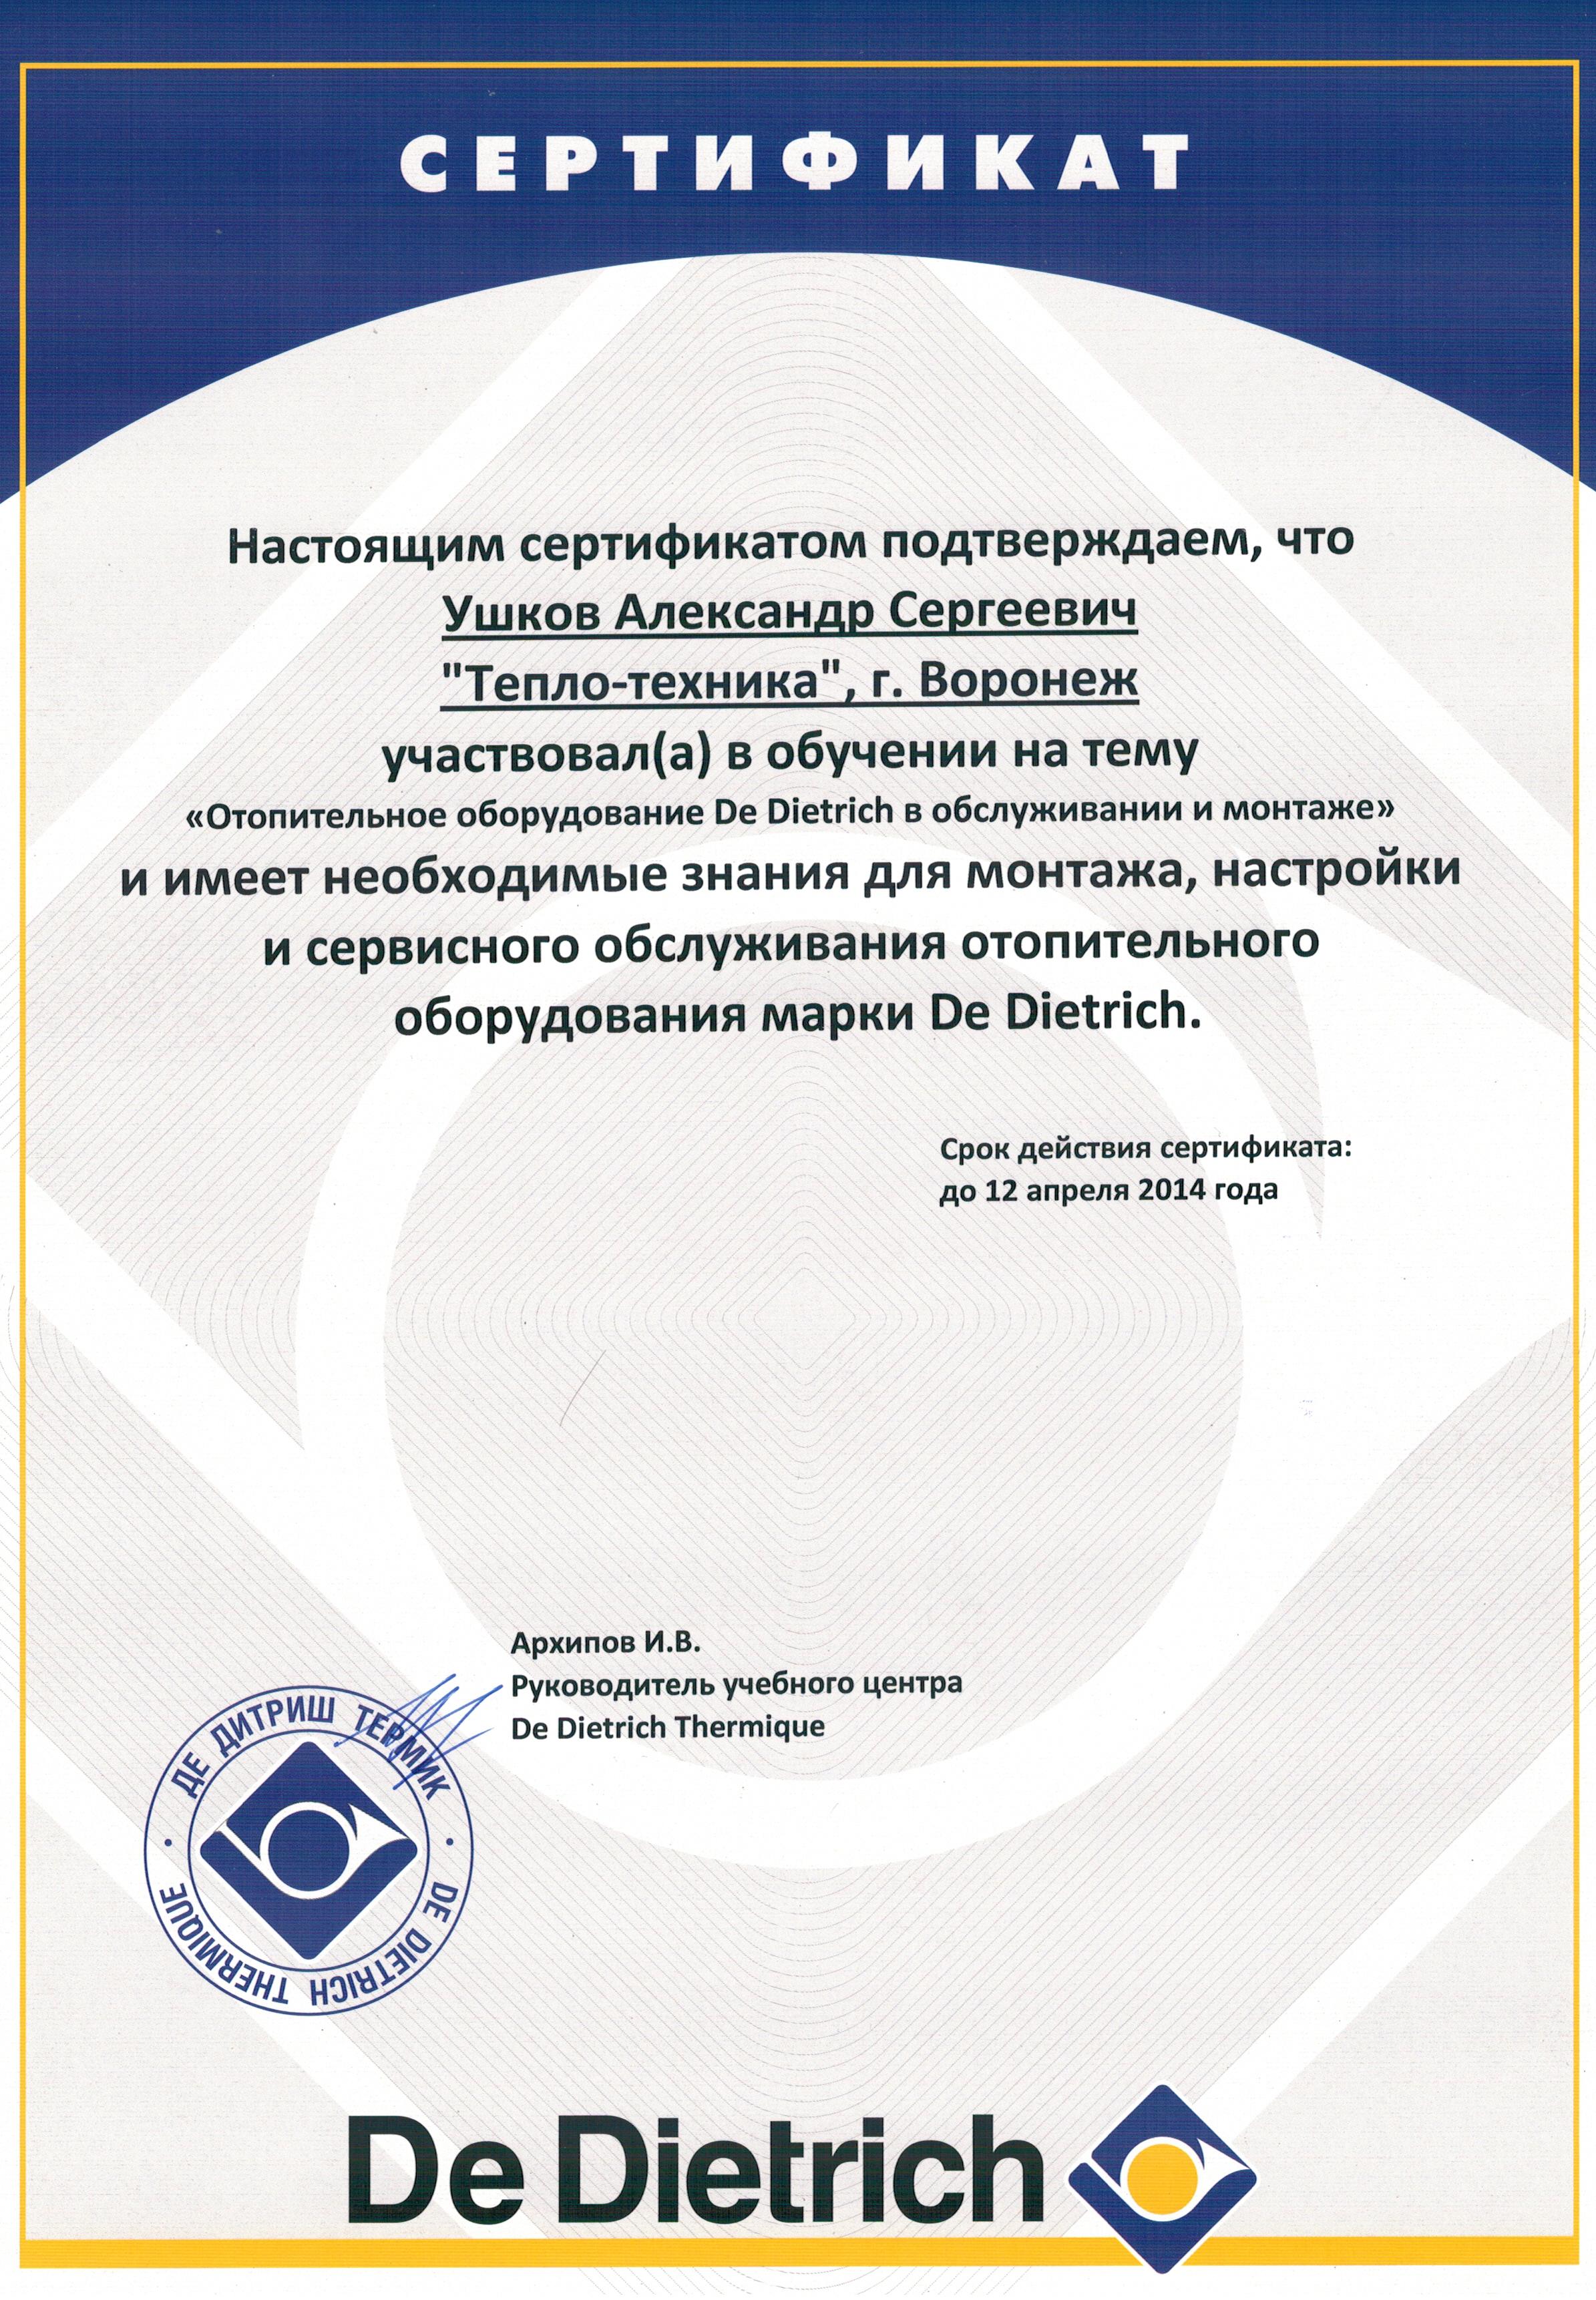 Сертификат Ушков2